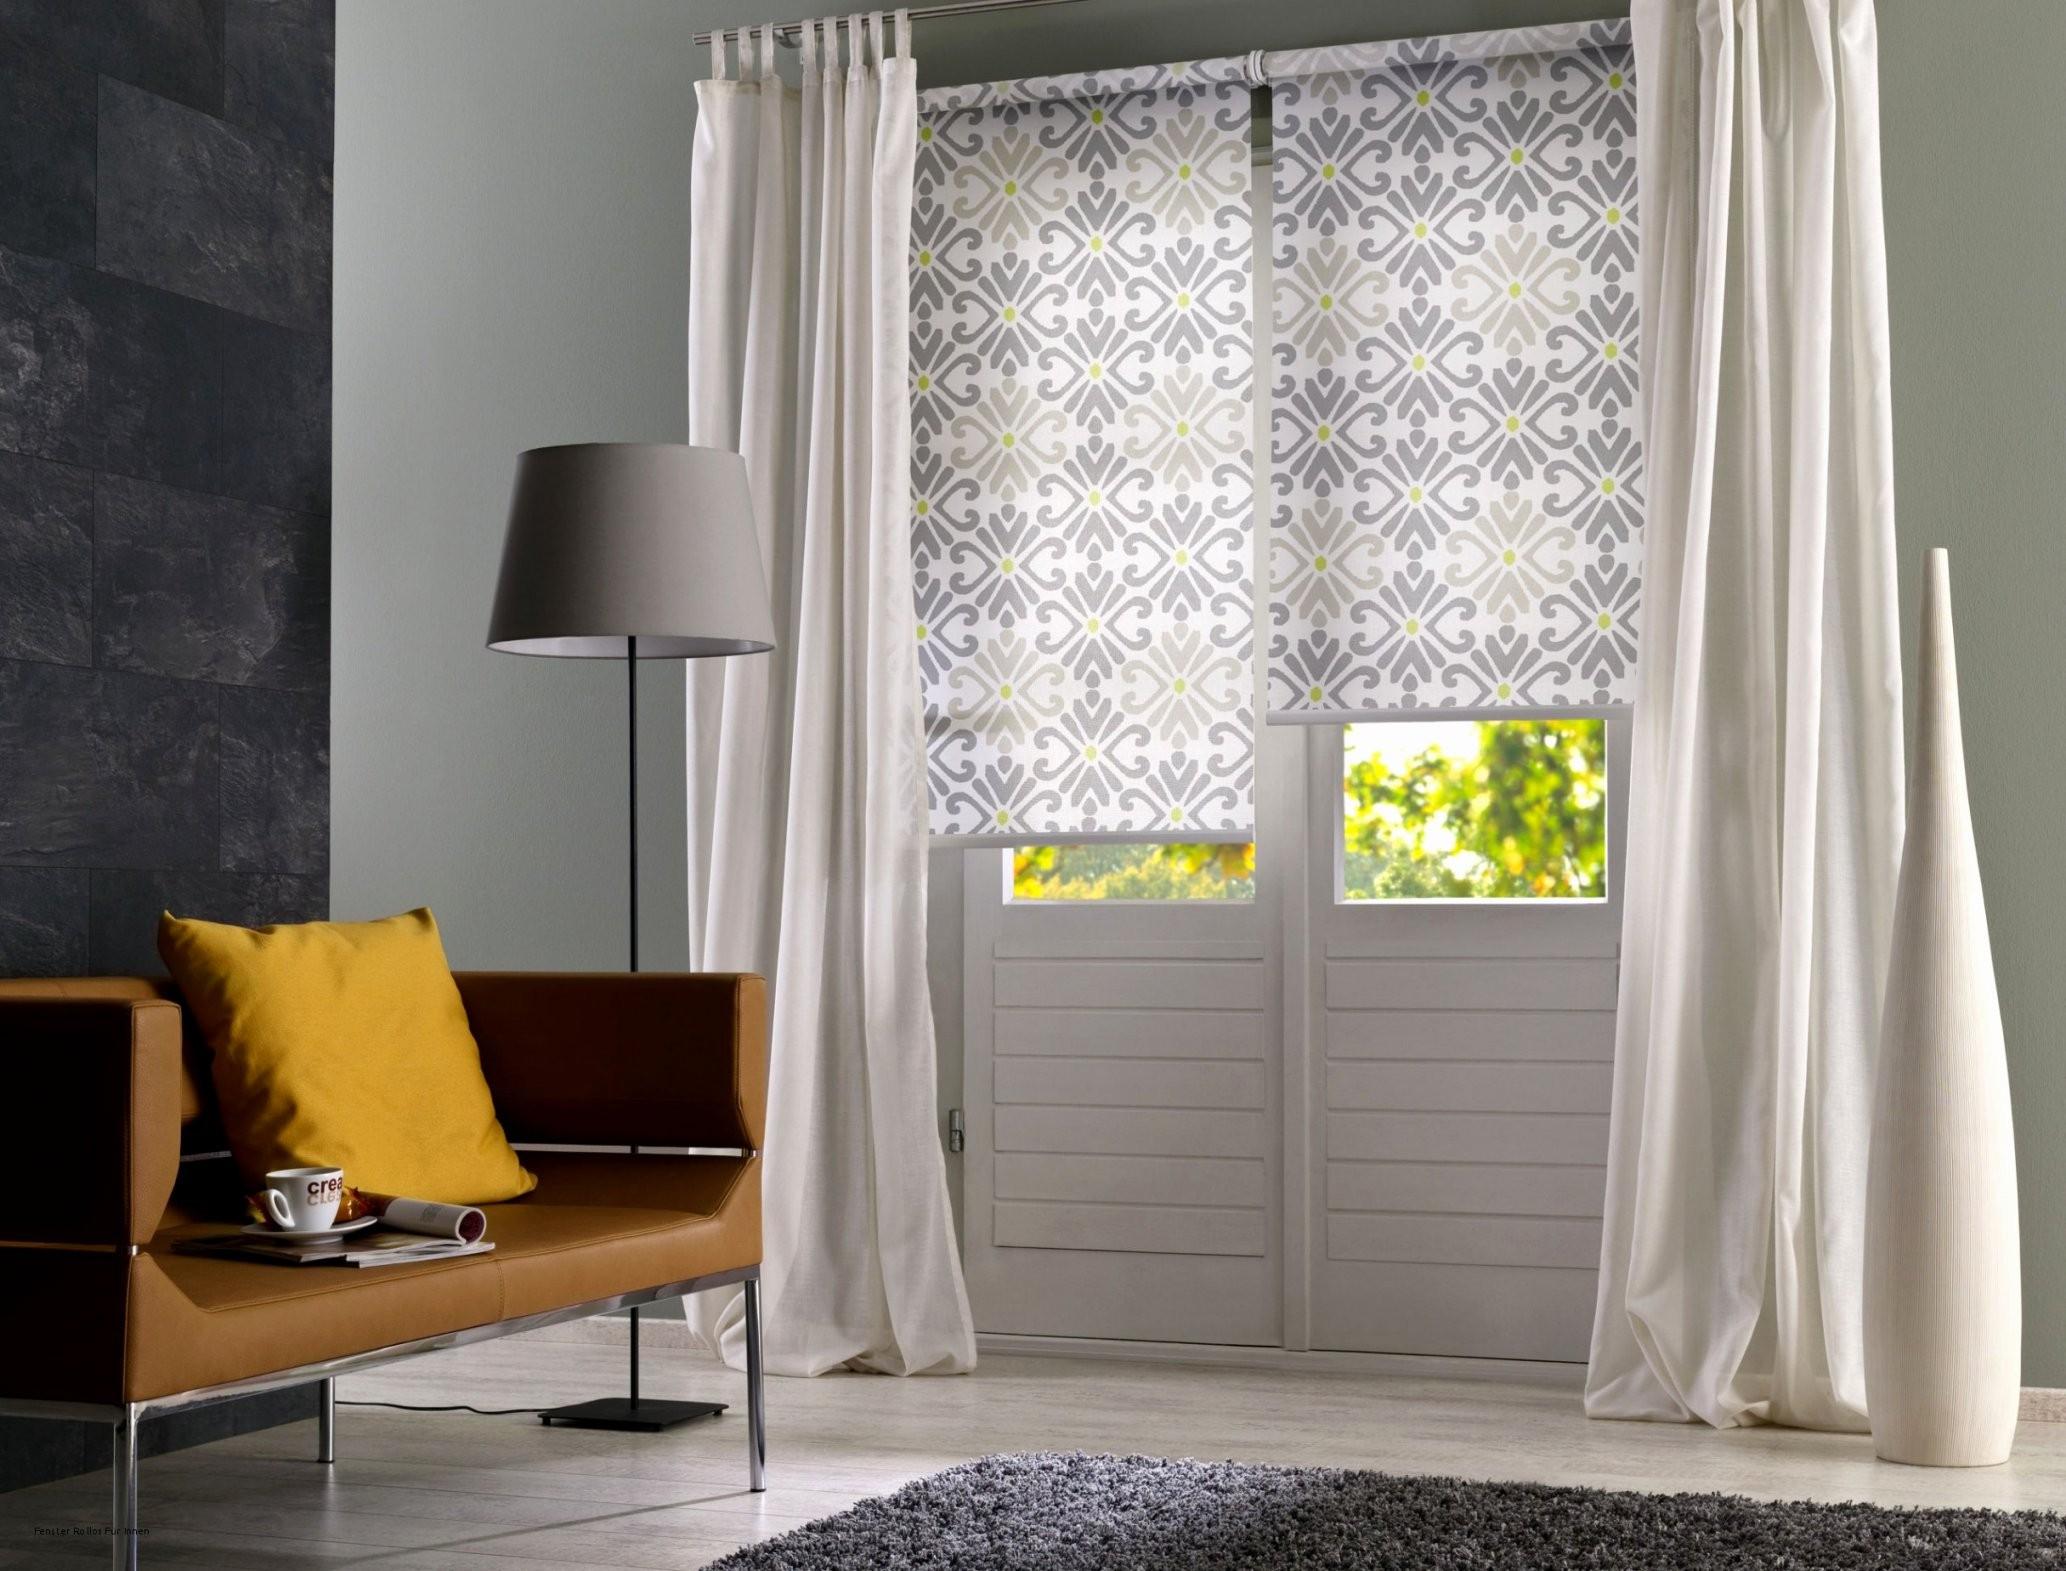 20 Bilder Fenster Jalousien Wohnideen Kleine Genüsse Fenster Rollos von Rollos Zum Einhängen Ins Fenster Bild